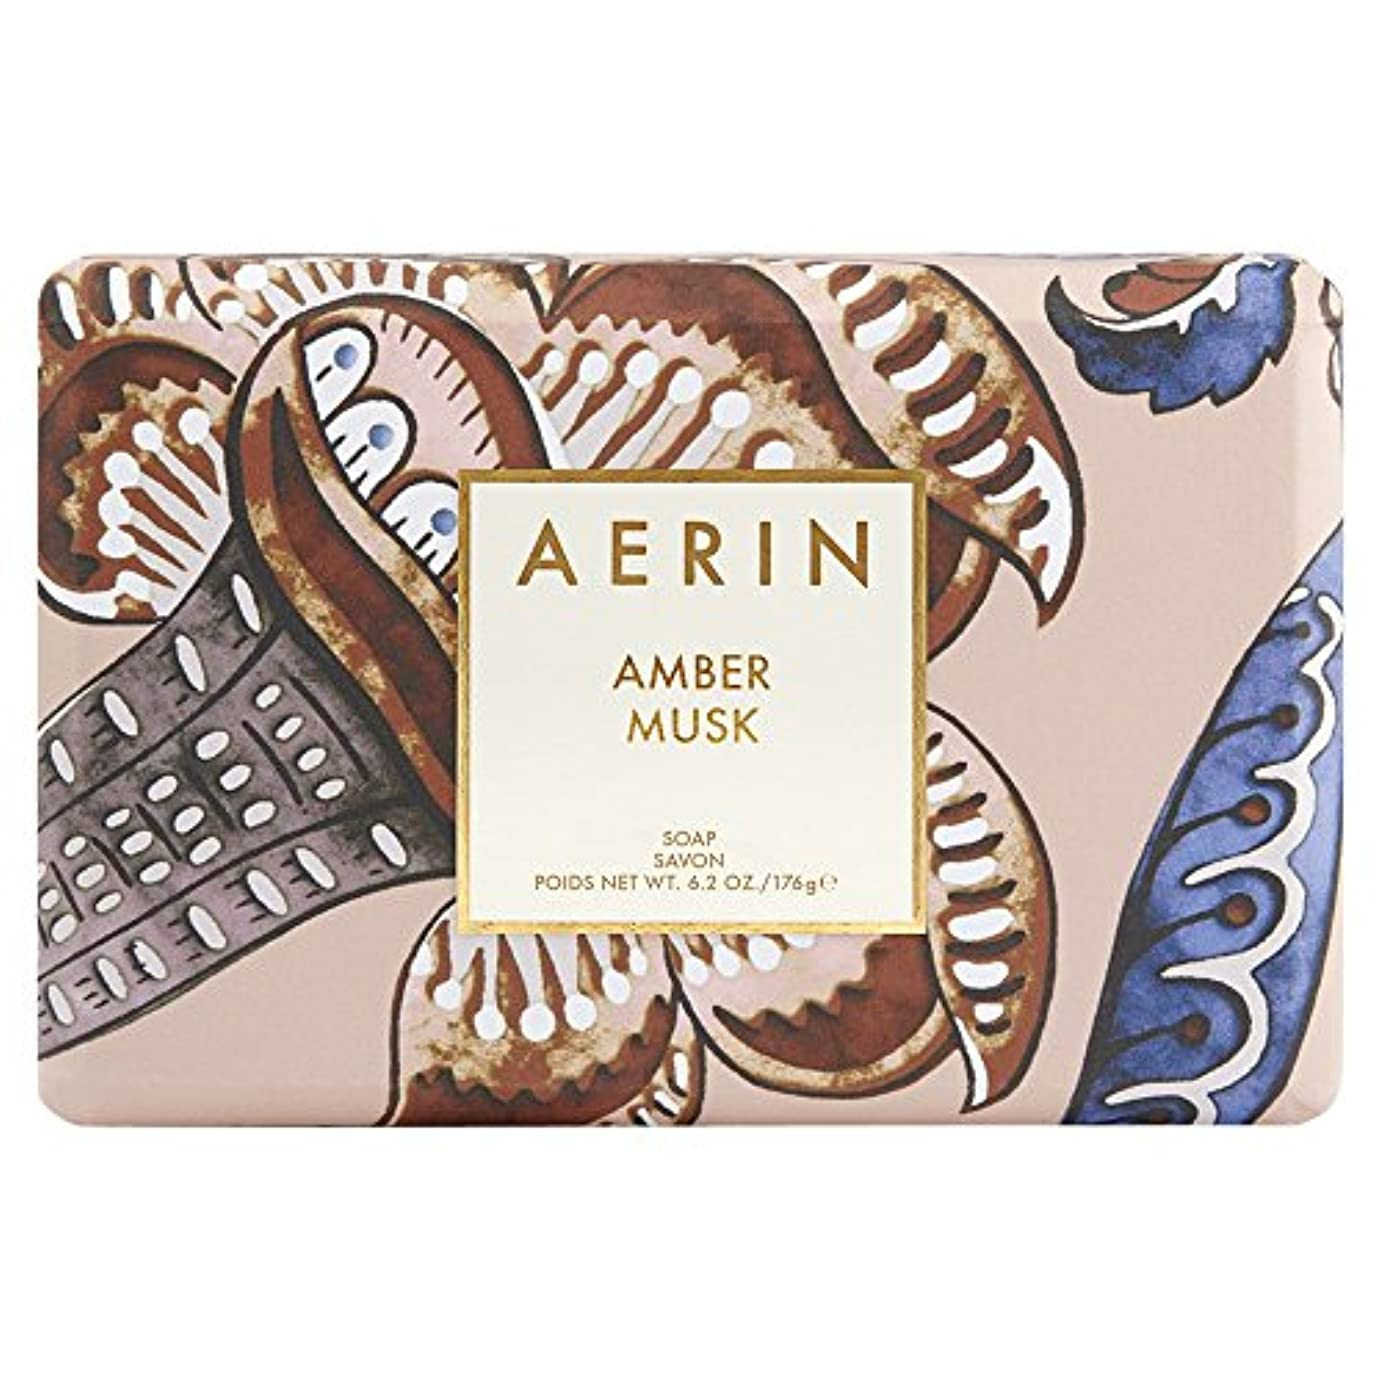 調和破壊する製造業Aerinアンバームスクソープ176グラム (AERIN) (x6) - AERIN Amber Musk Soap 176g (Pack of 6) [並行輸入品]